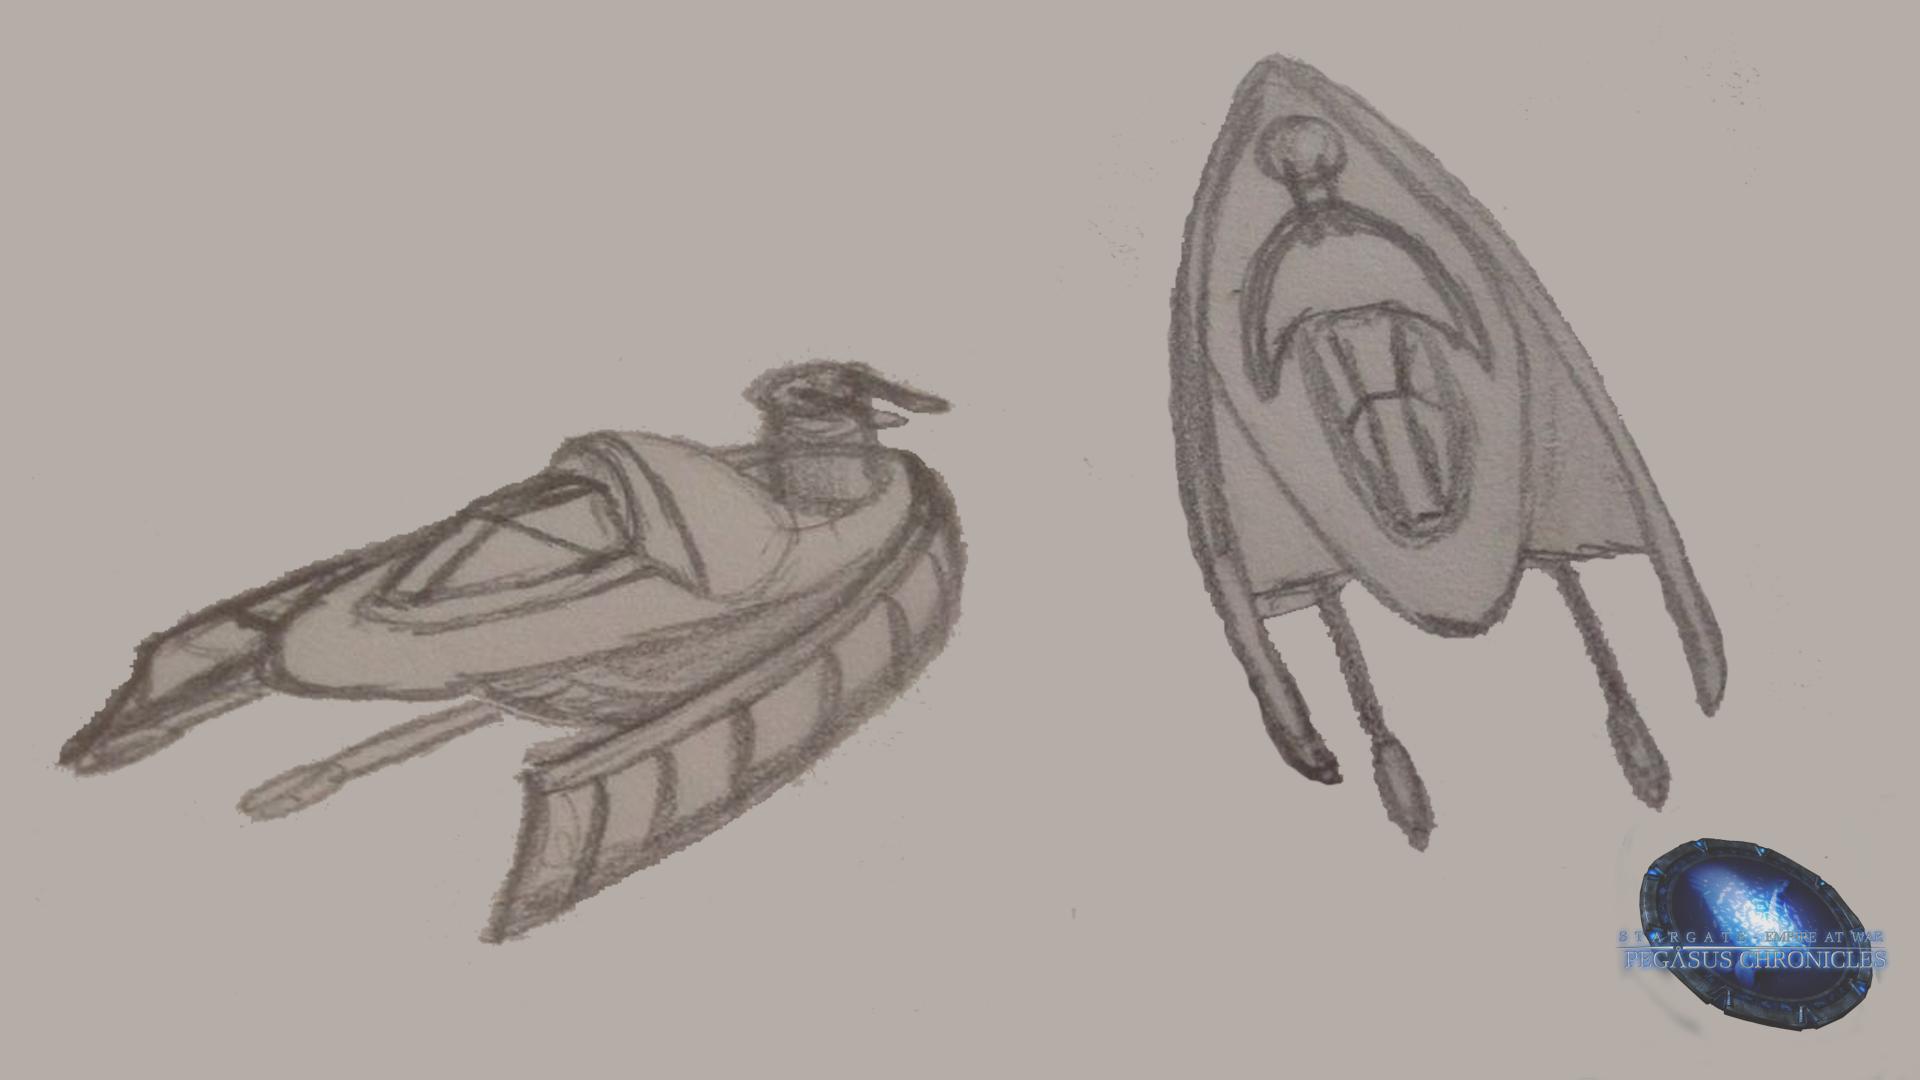 Concept Art - Goauld Tank